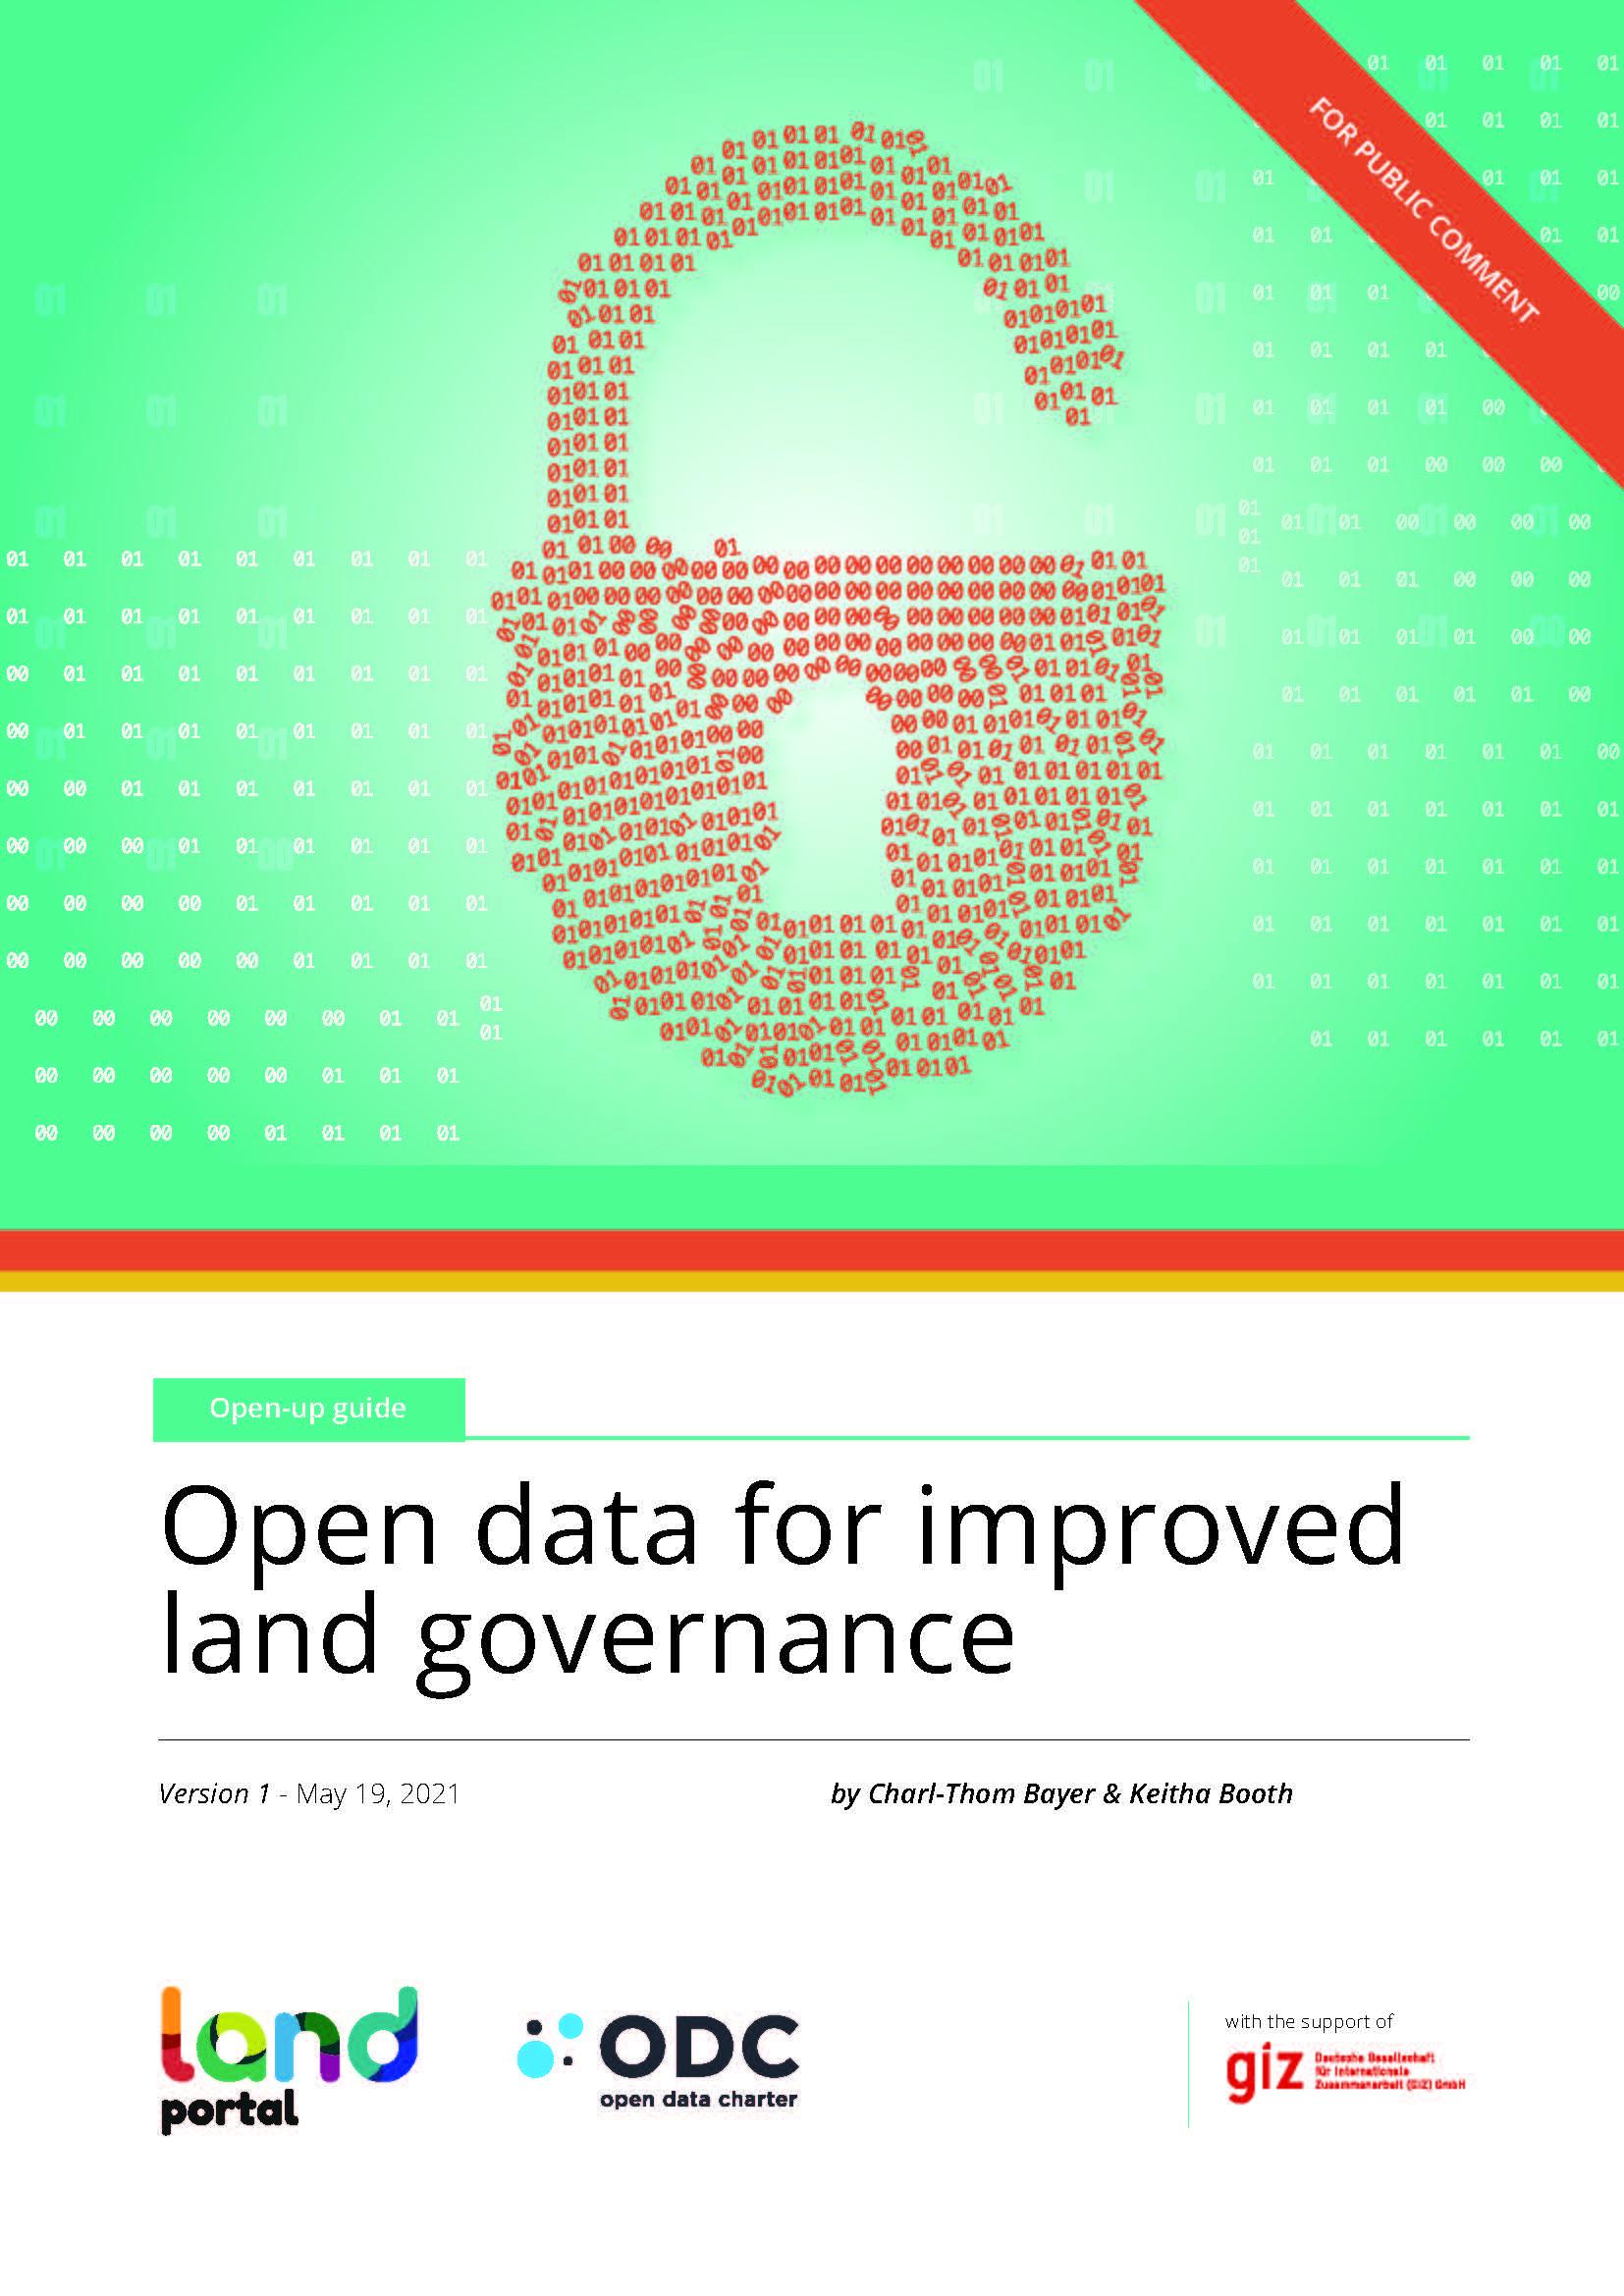 Open data for improved land governance